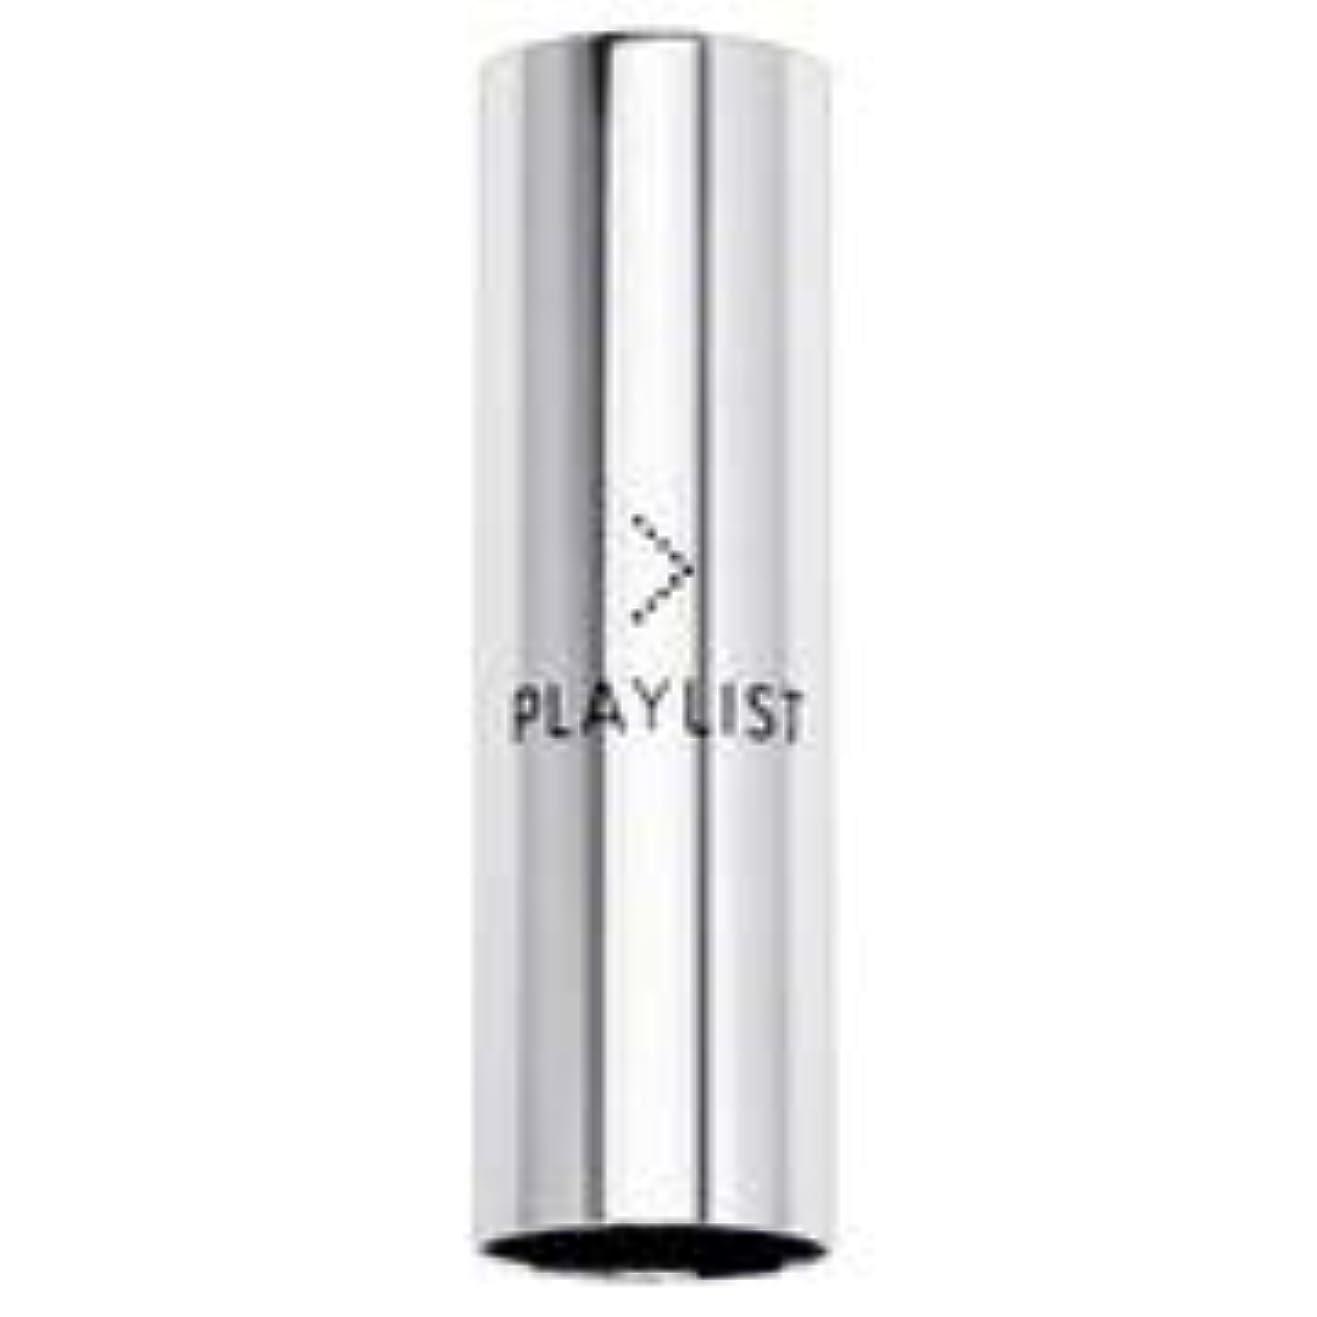 パンチカルシウム定刻PLAYLIST(プレイリスト) インスタントリップコンプリート用 ホルダー